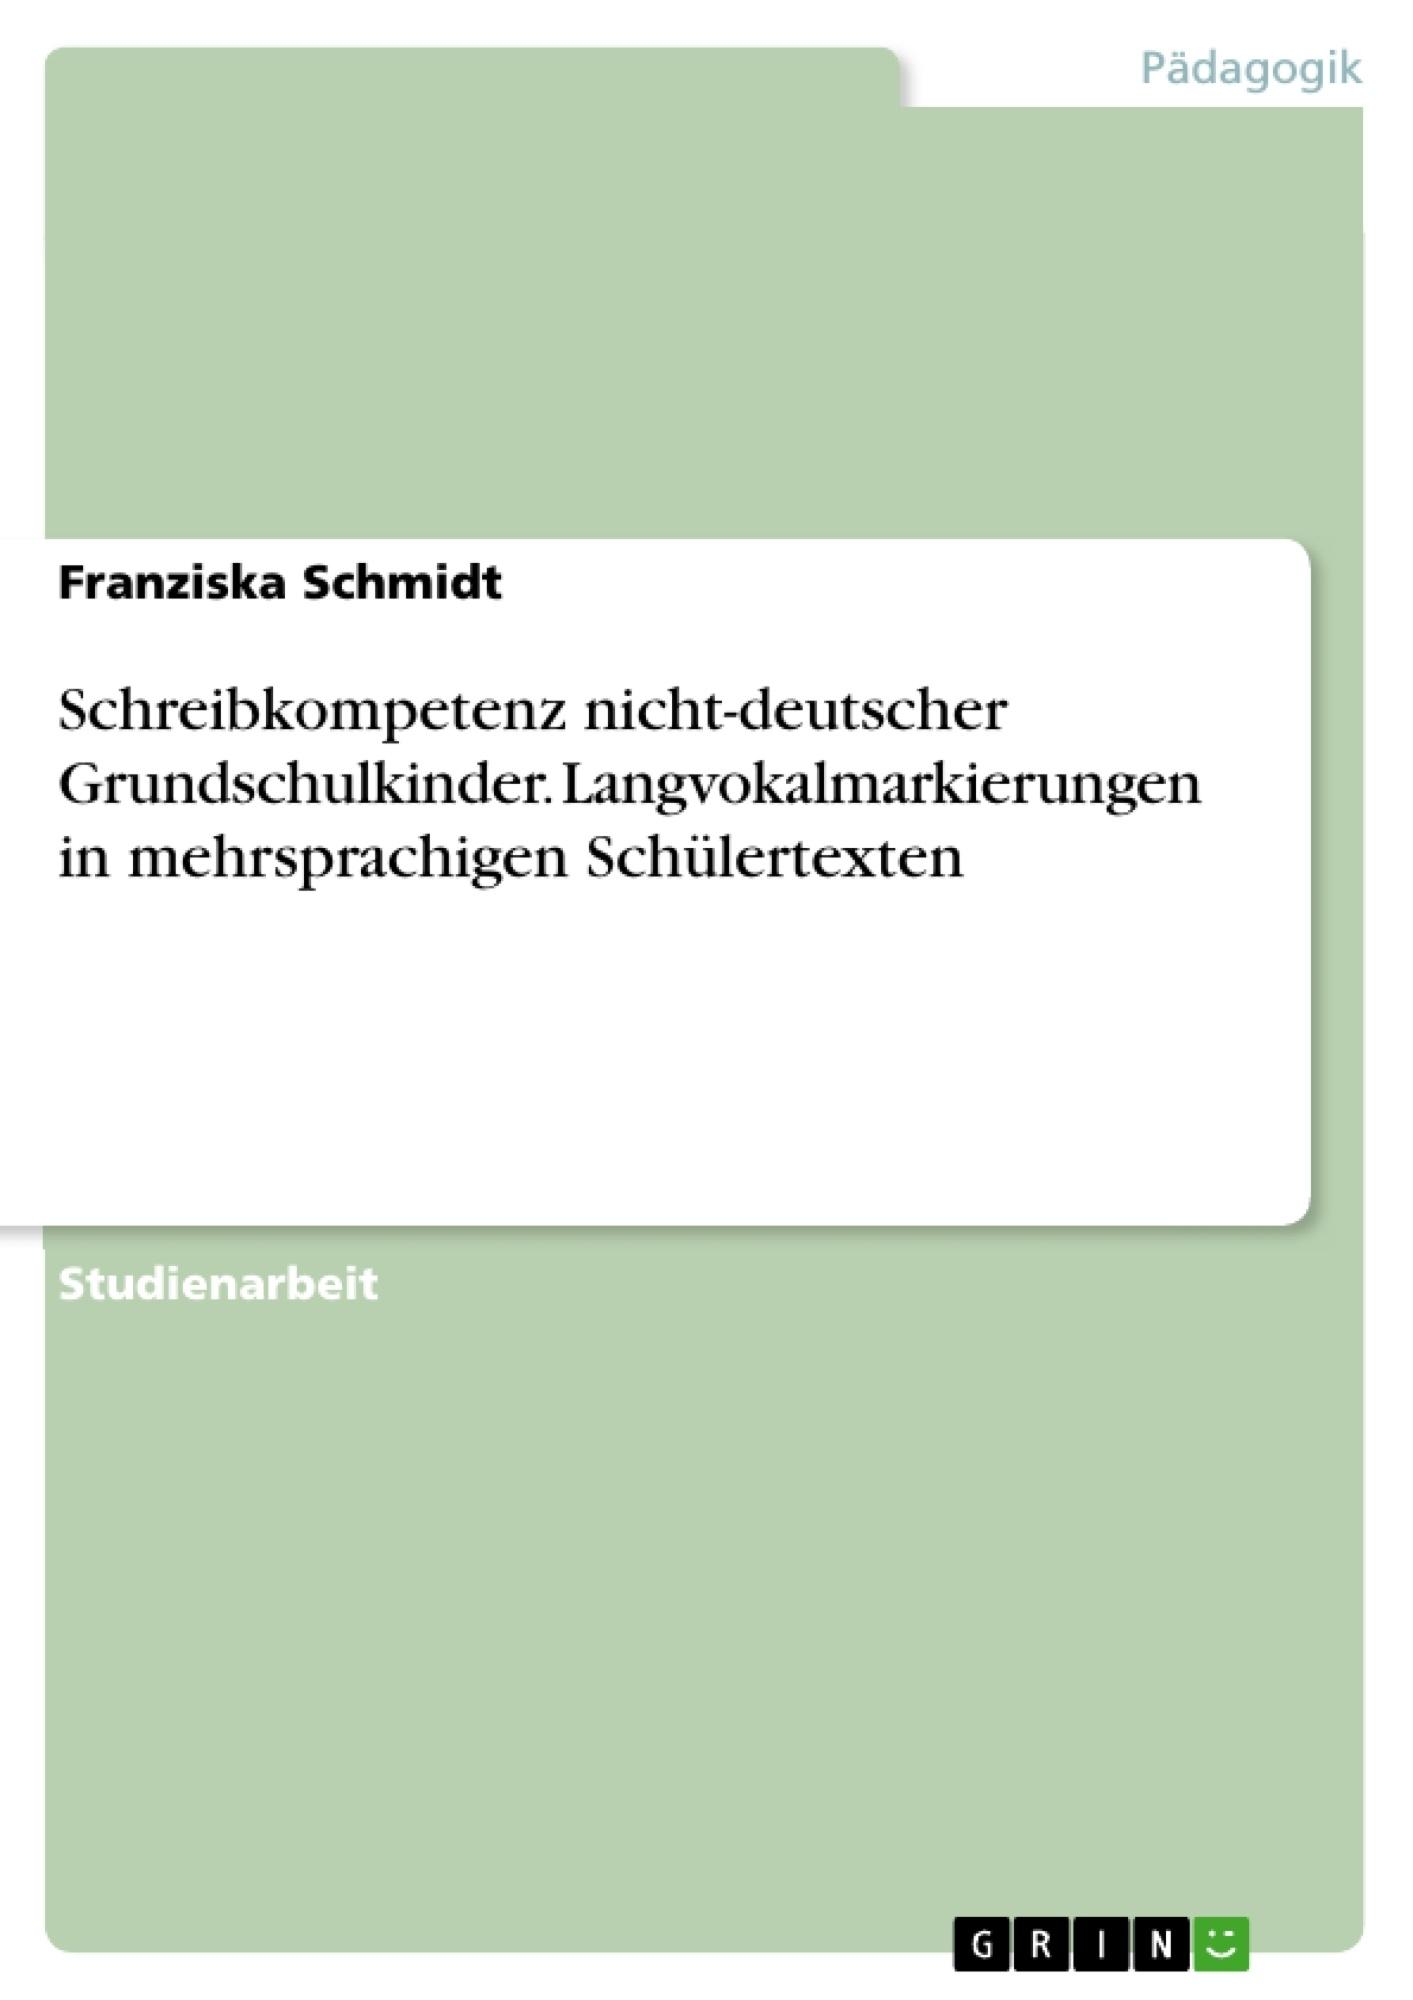 Titel: Schreibkompetenz nicht-deutscher Grundschulkinder. Langvokalmarkierungen in mehrsprachigen Schülertexten